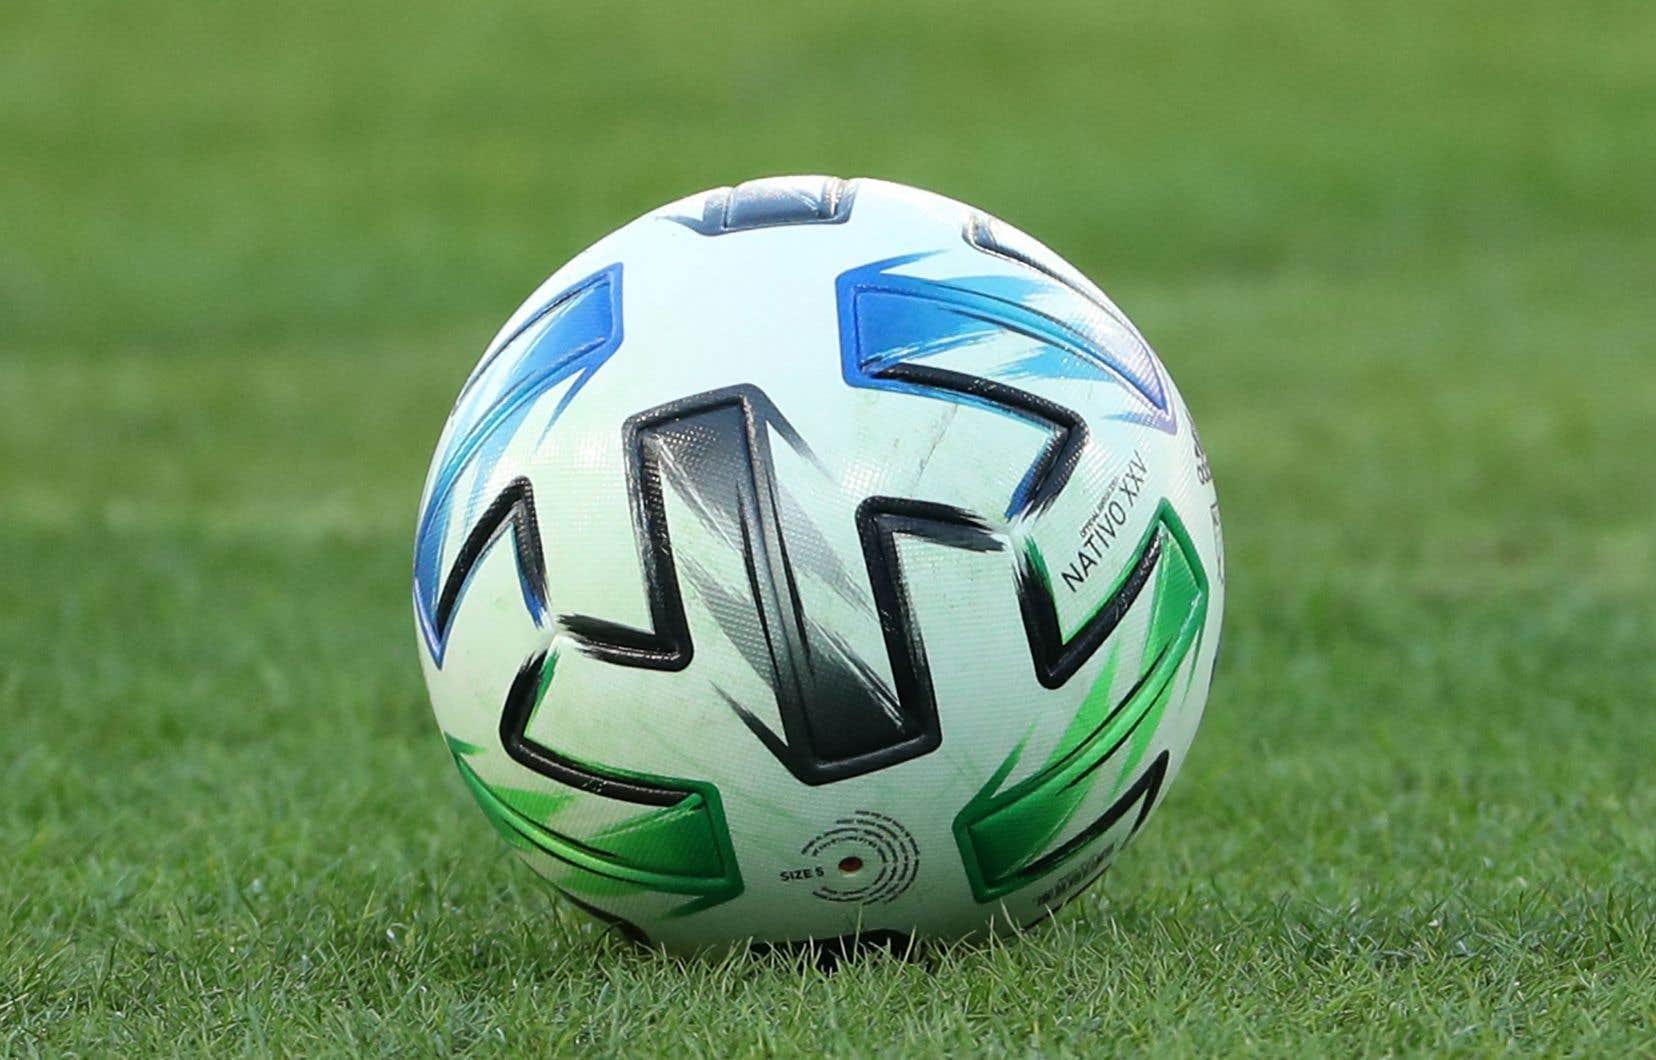 Le calendrier sera dévoilé dans les prochaines semaines, comprenant notamment un match des étoiles prévu à la fin de l'été.